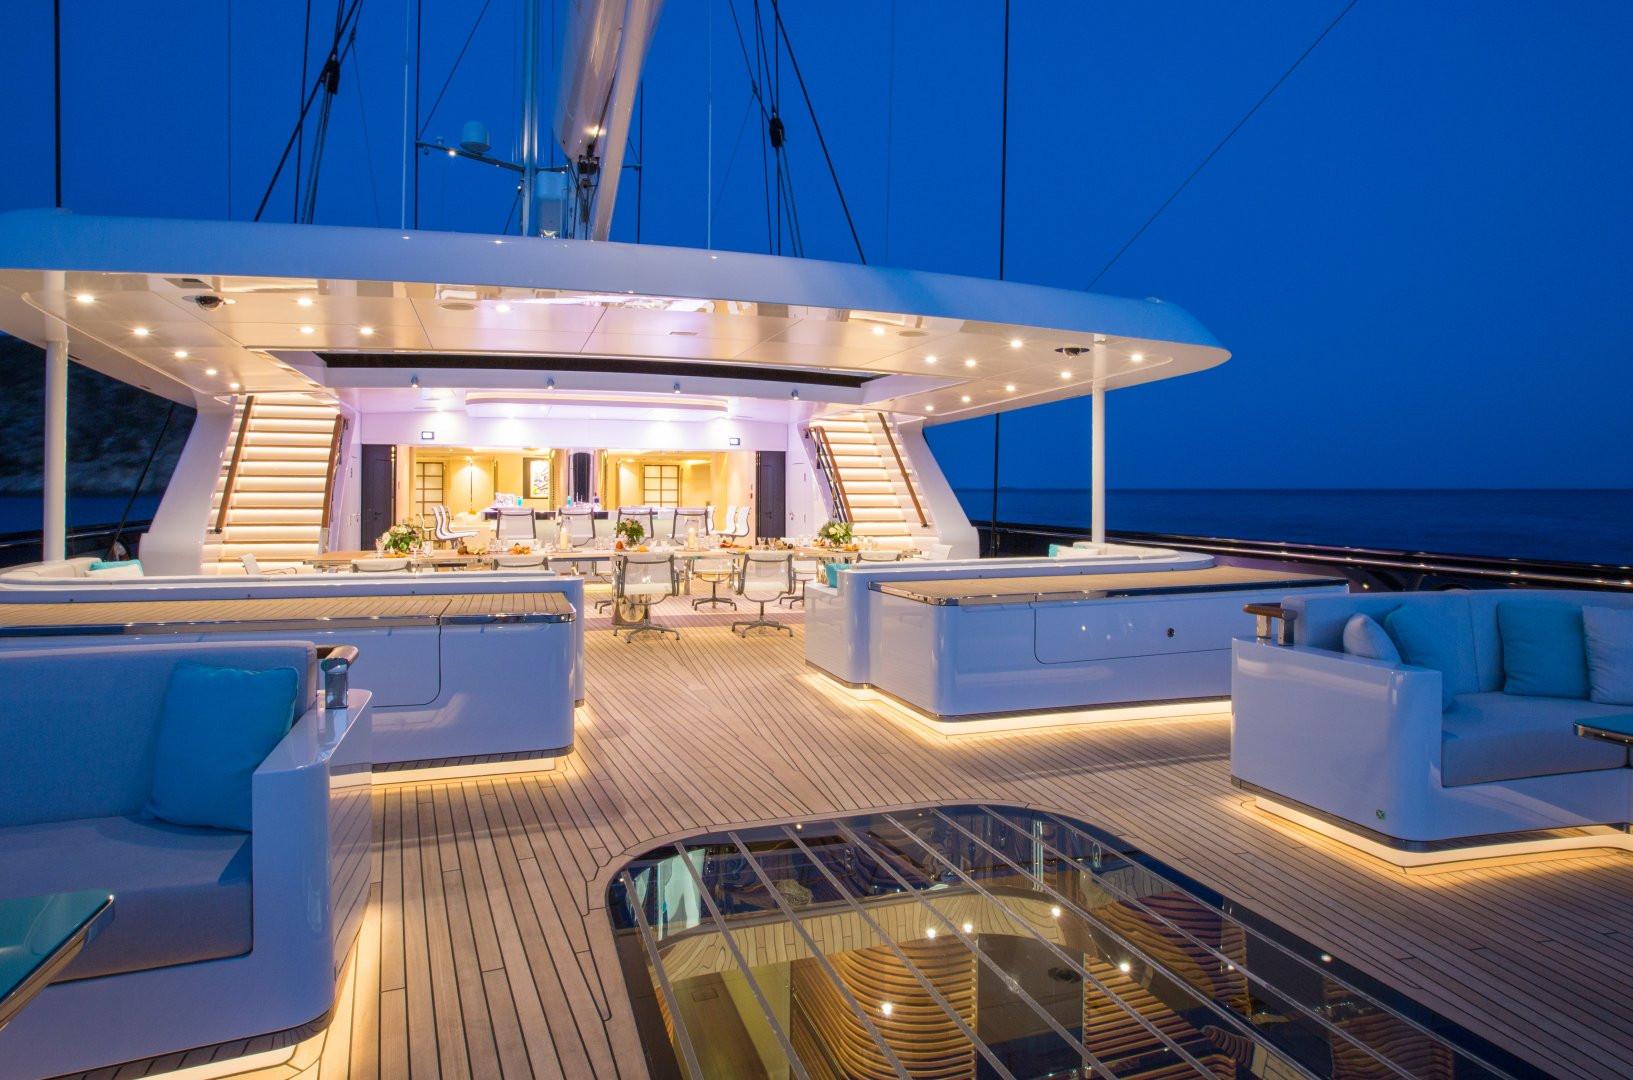 Yacht AQUIJO - Main deck at night